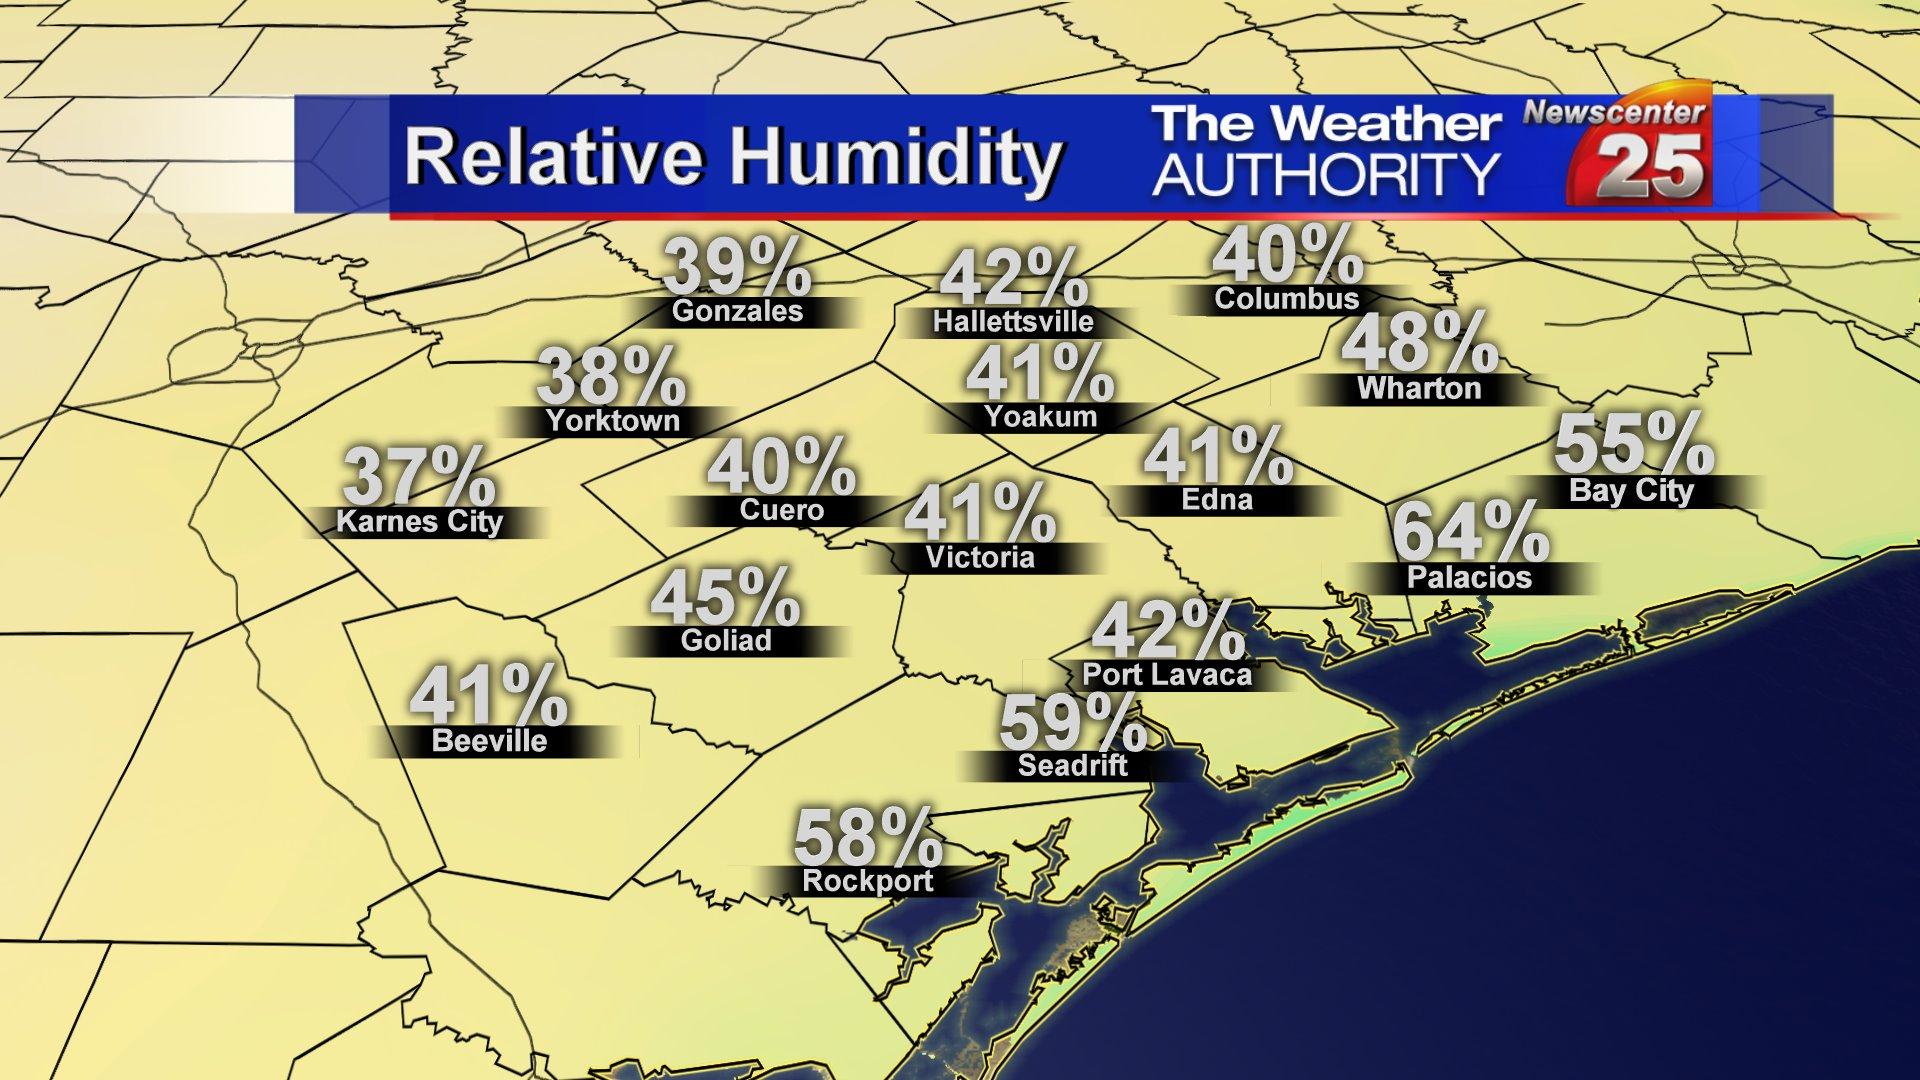 Relative Humidity